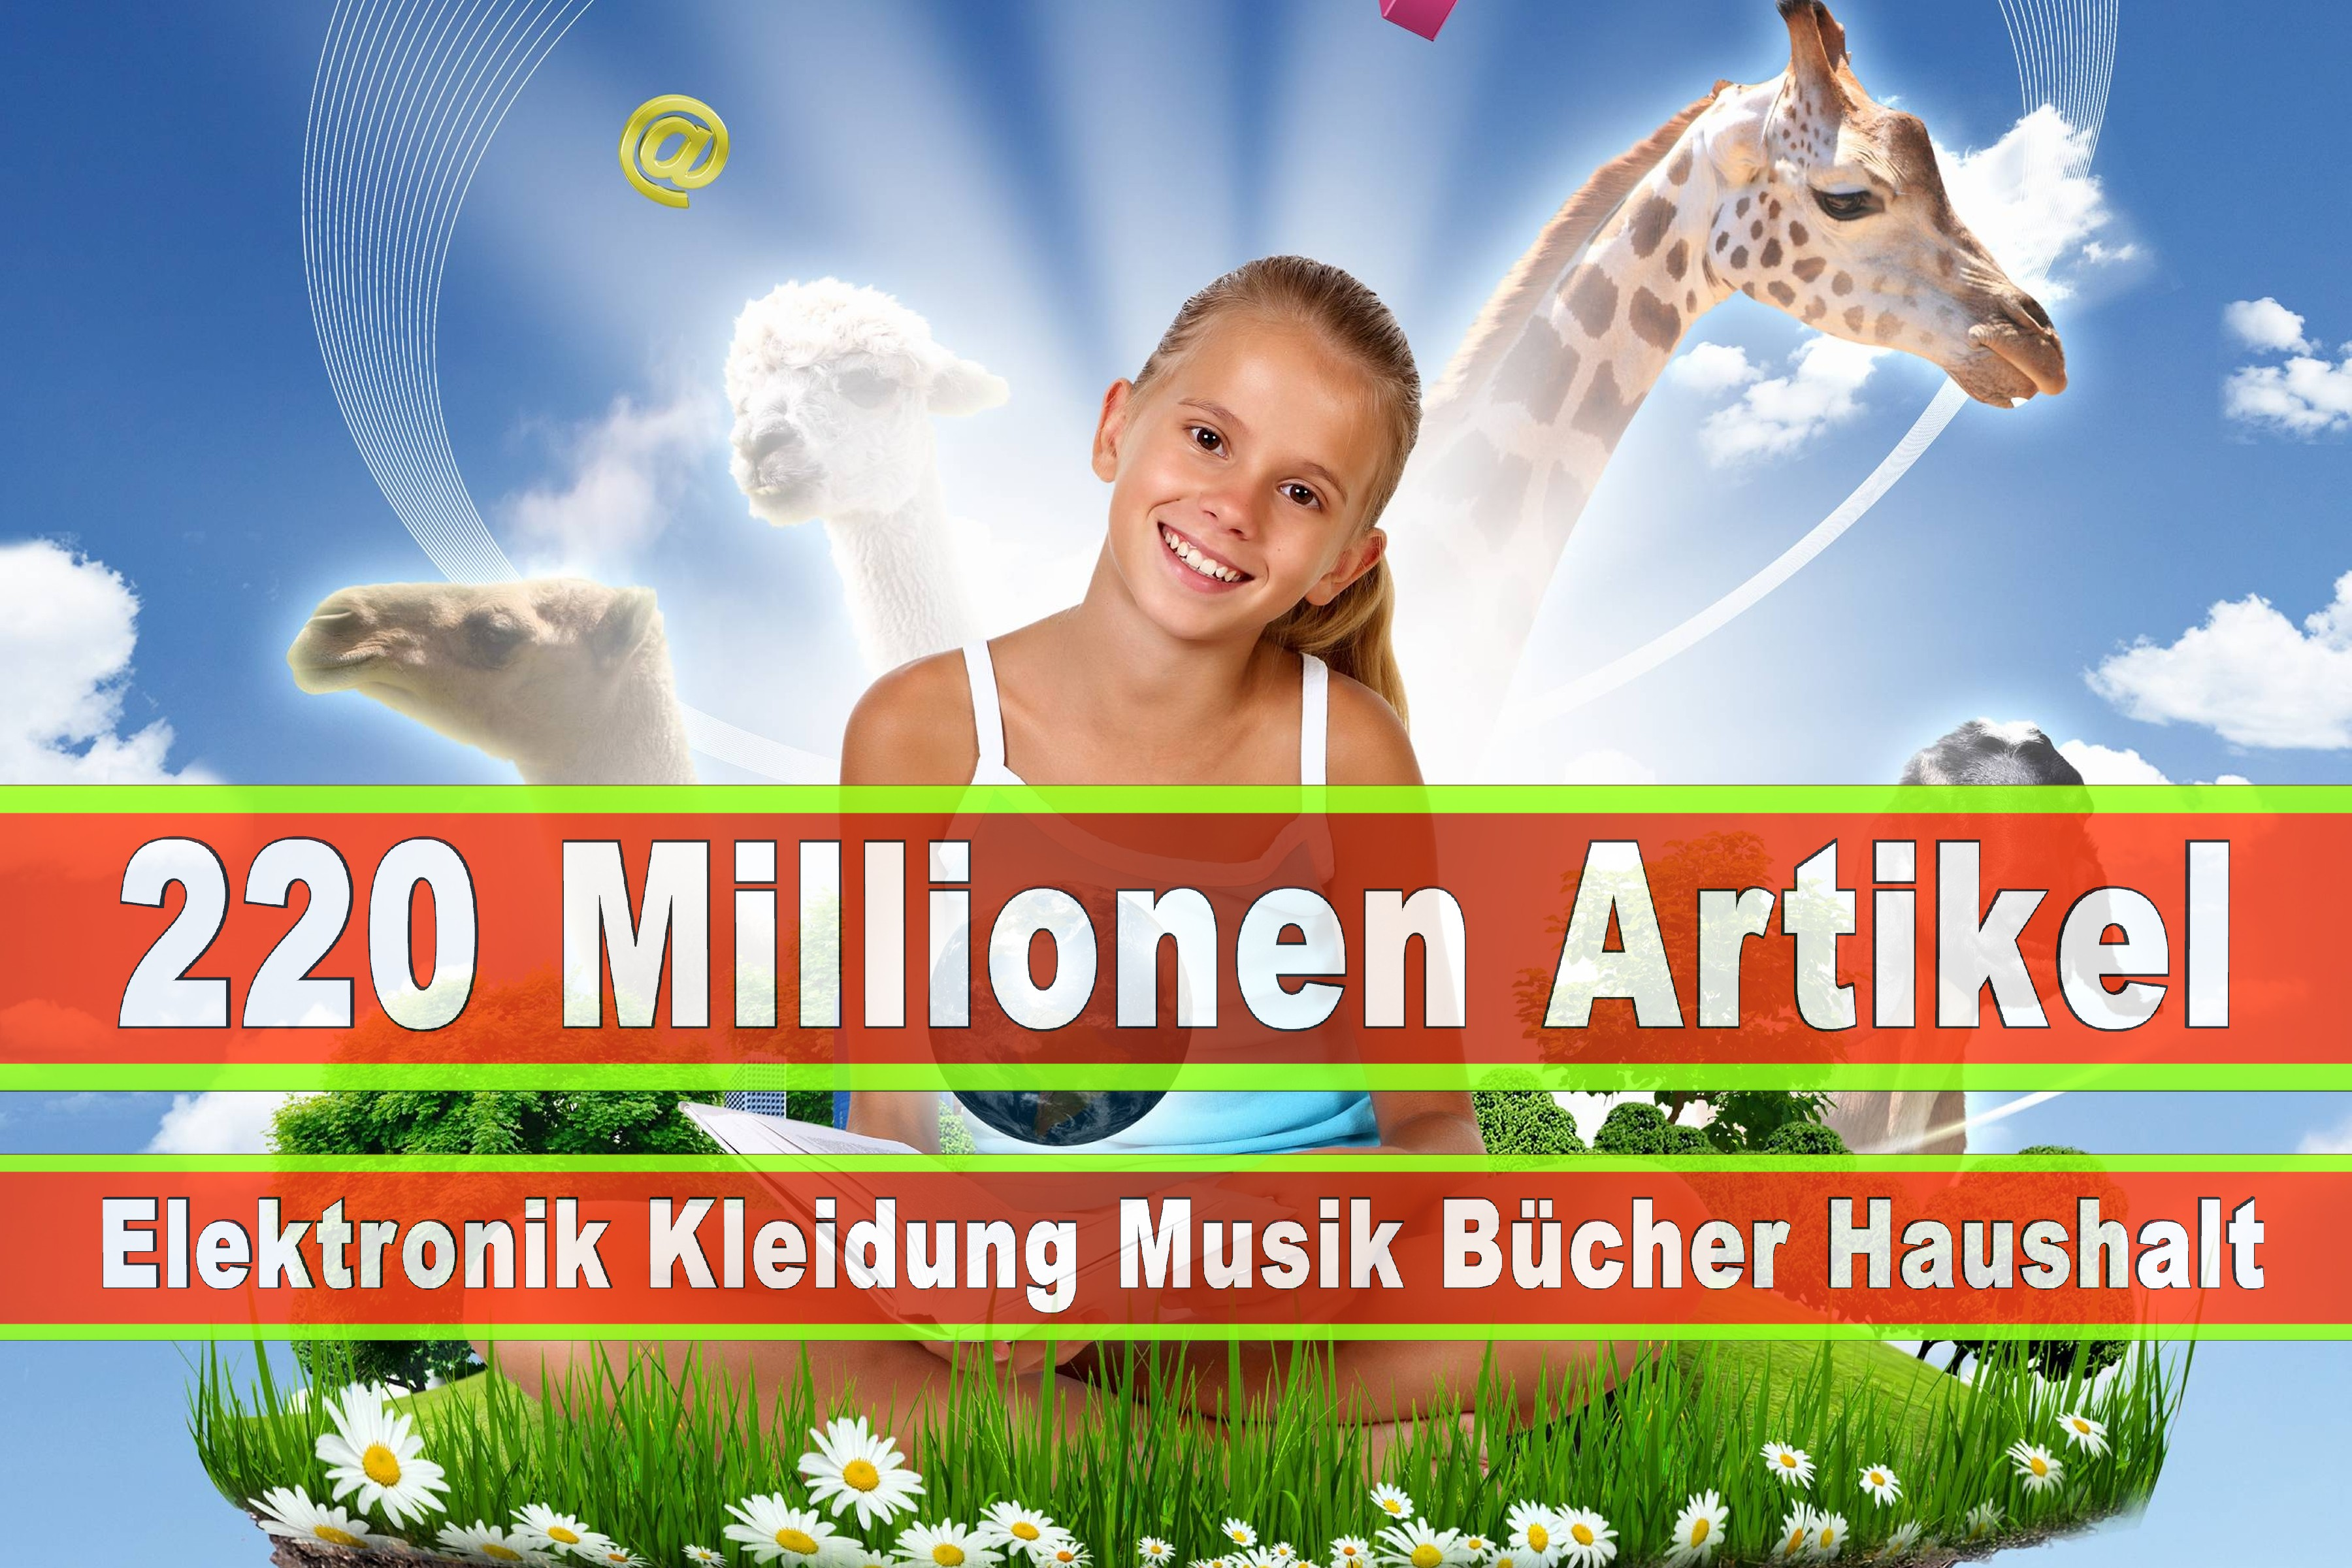 Amazon Elektronik Musik Haushalt Bücher CD DVD Handys Smartphones TV Television Fernseher Kleidung Mode Ebay Versandhaus (181)